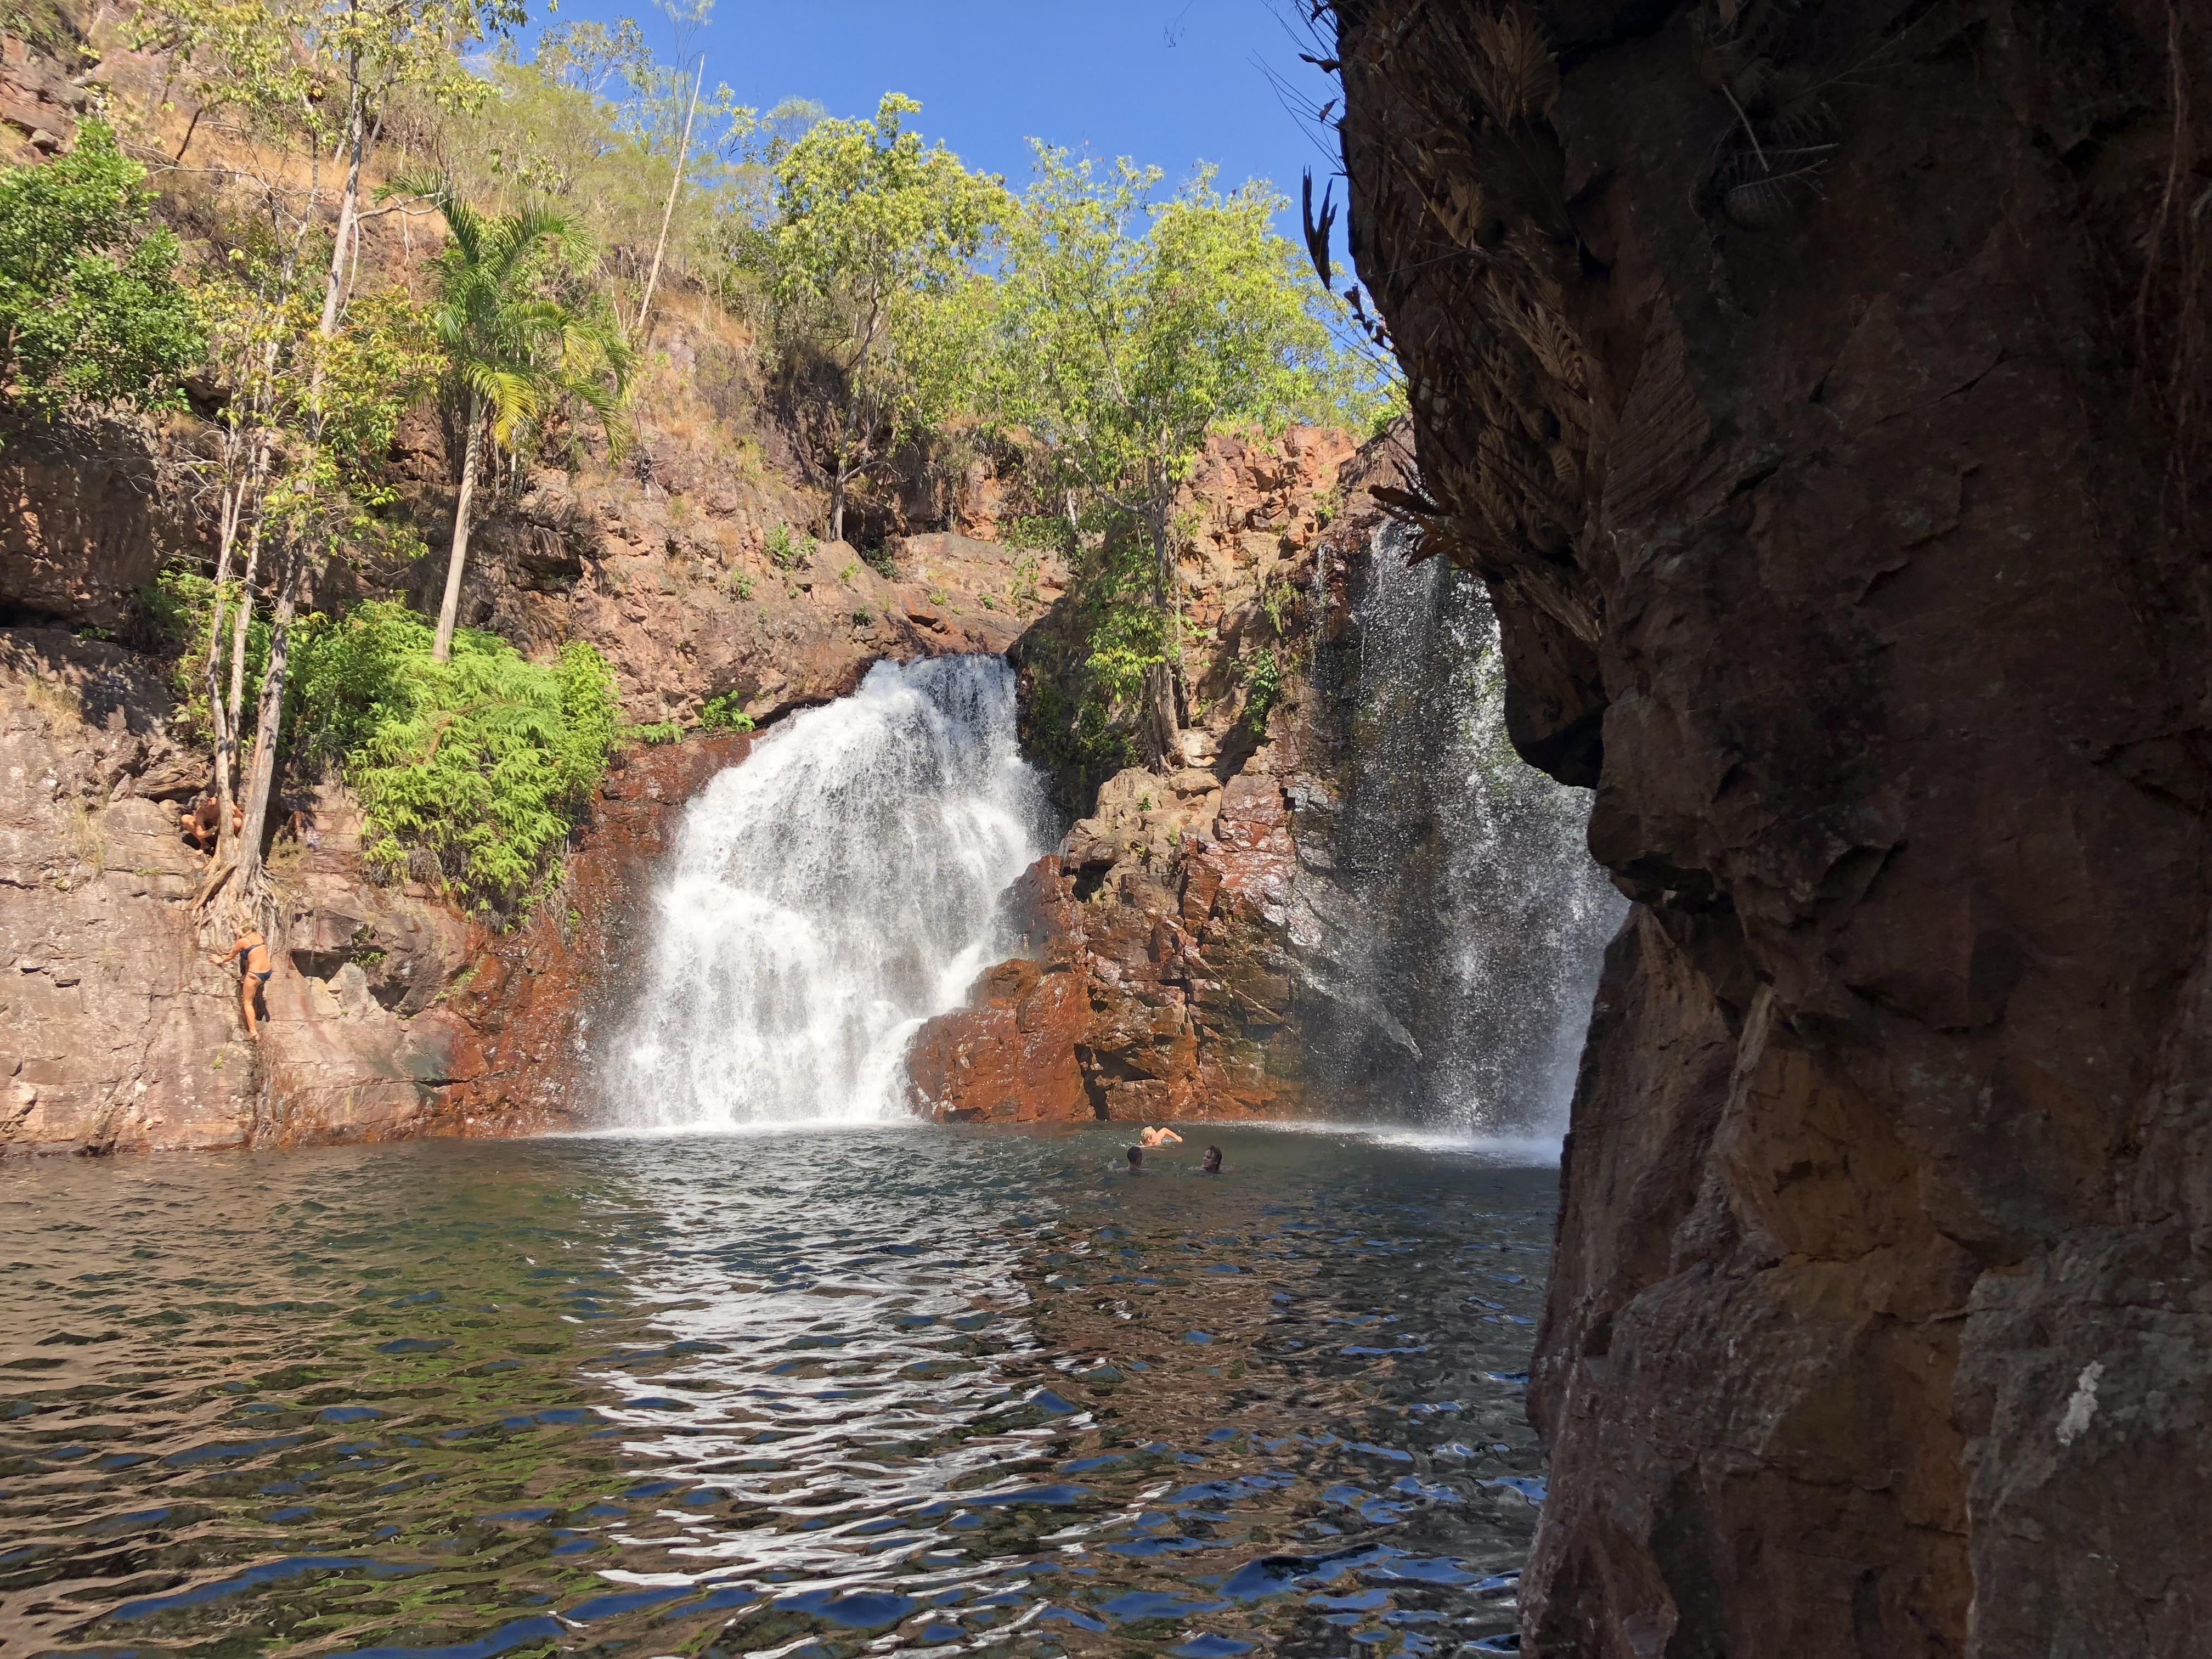 Florence Falls Plunge Pool